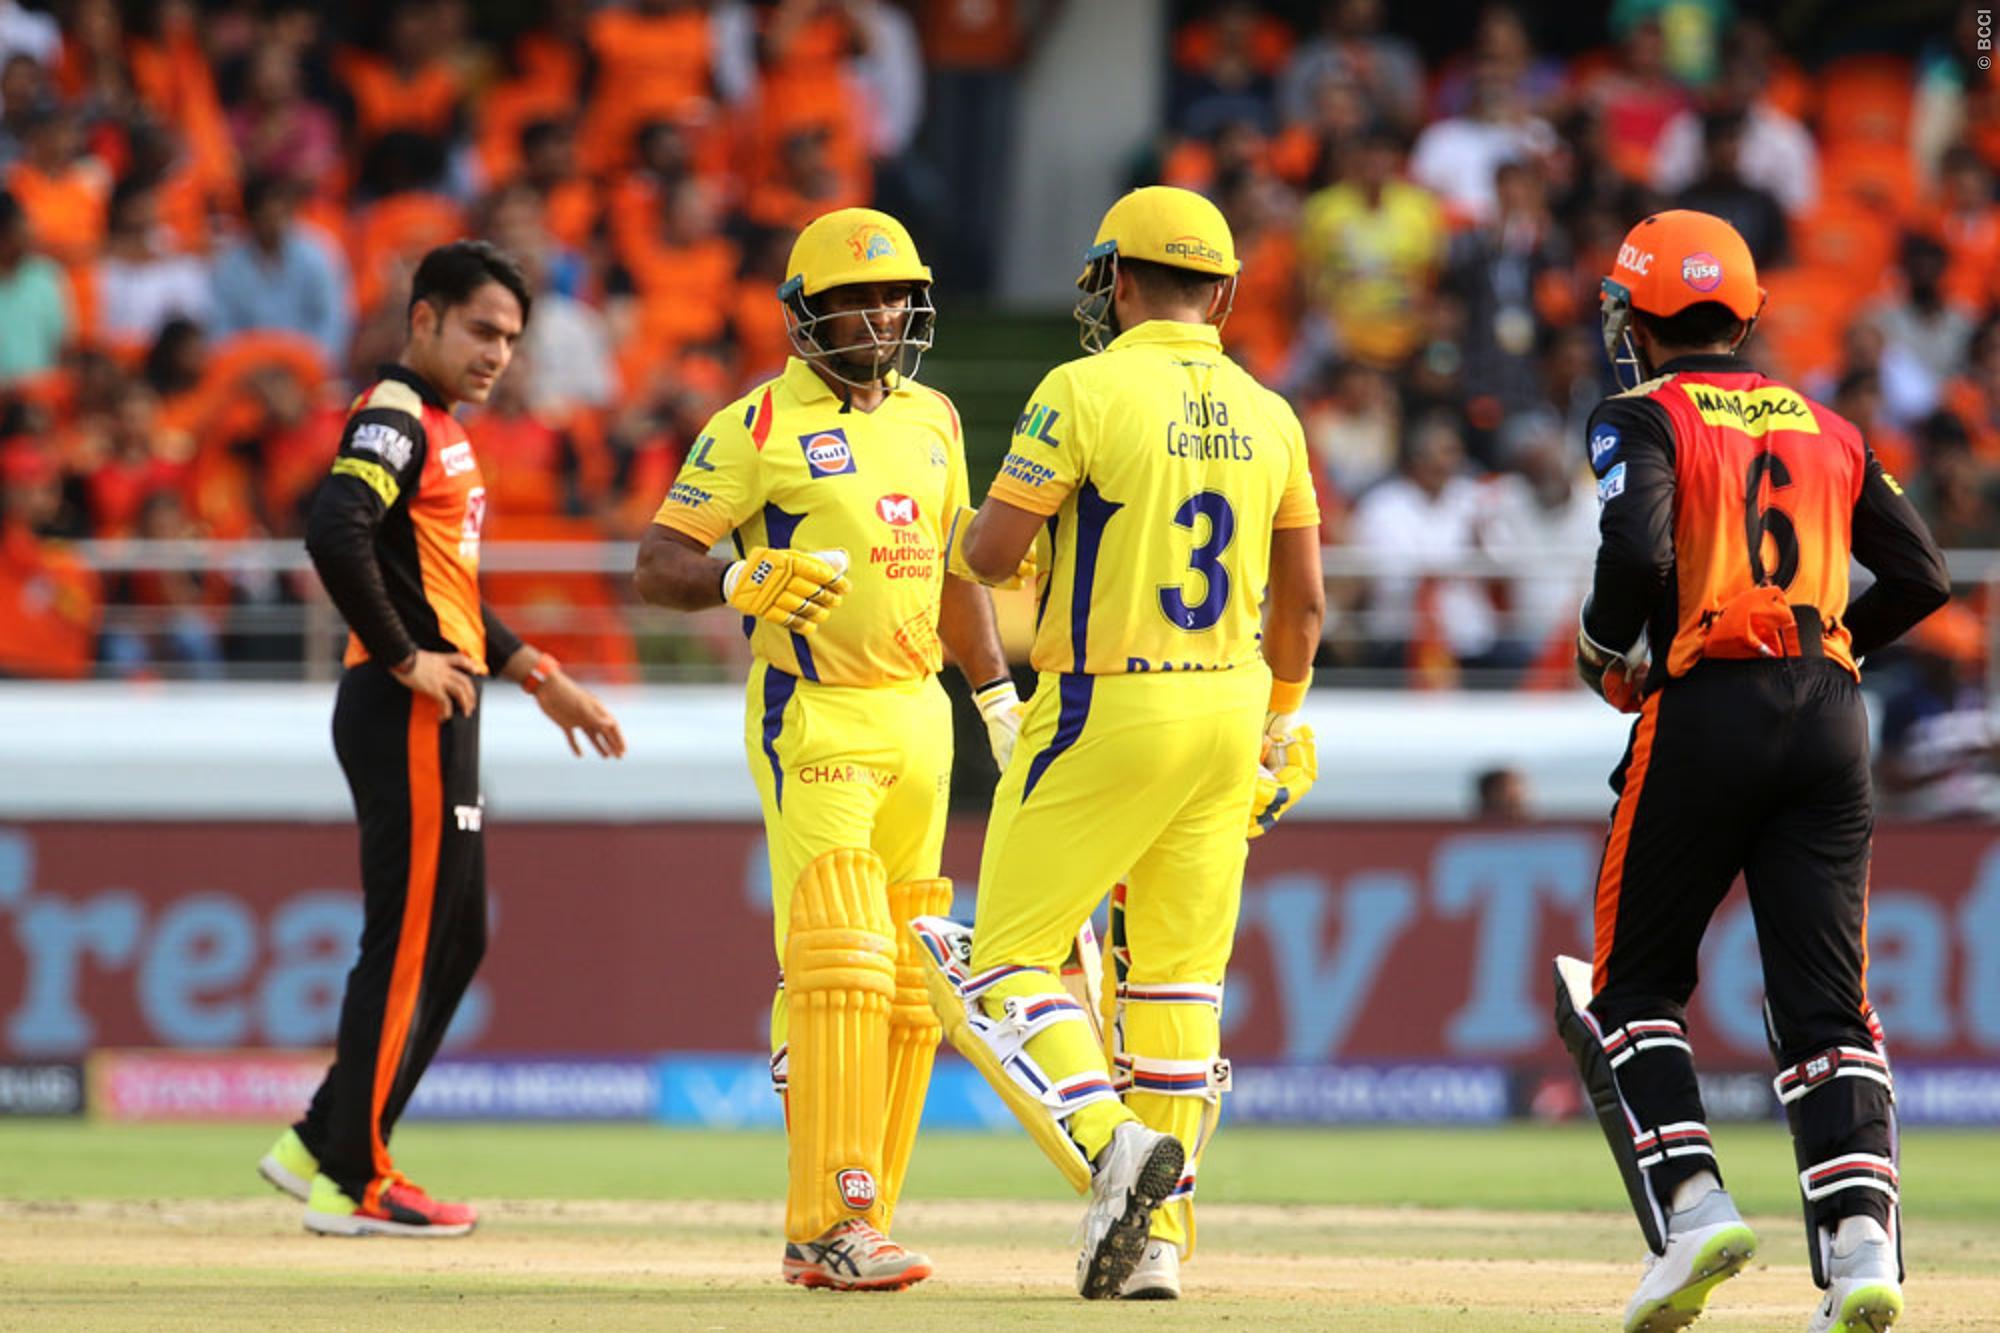 STATS: हैदराबाद और चेन्नई के बिच मैच में बने कुल 6 ऐतिहासिक रिकॉर्ड, लेकिन रैना ने कोहली को छोड़ा पीछे 1